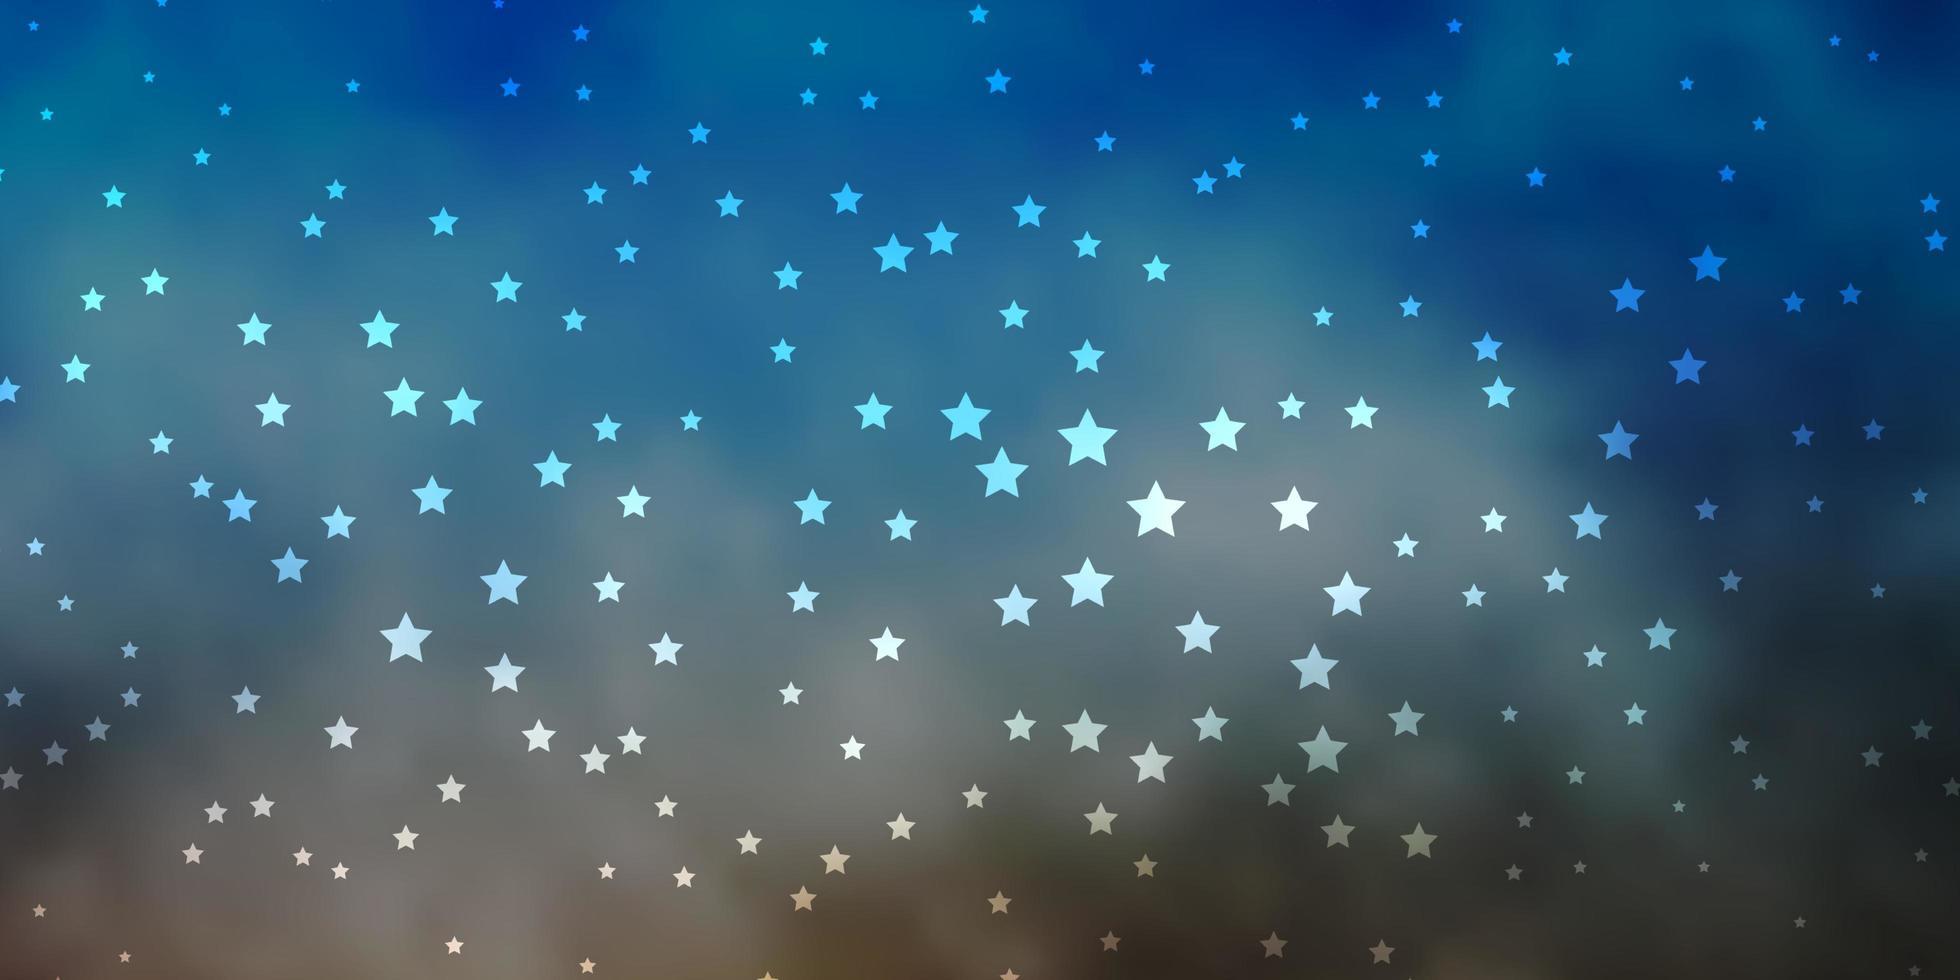 dunkelblaue, gelbe Vektorbeschaffenheit mit schönen Sternen. vektor